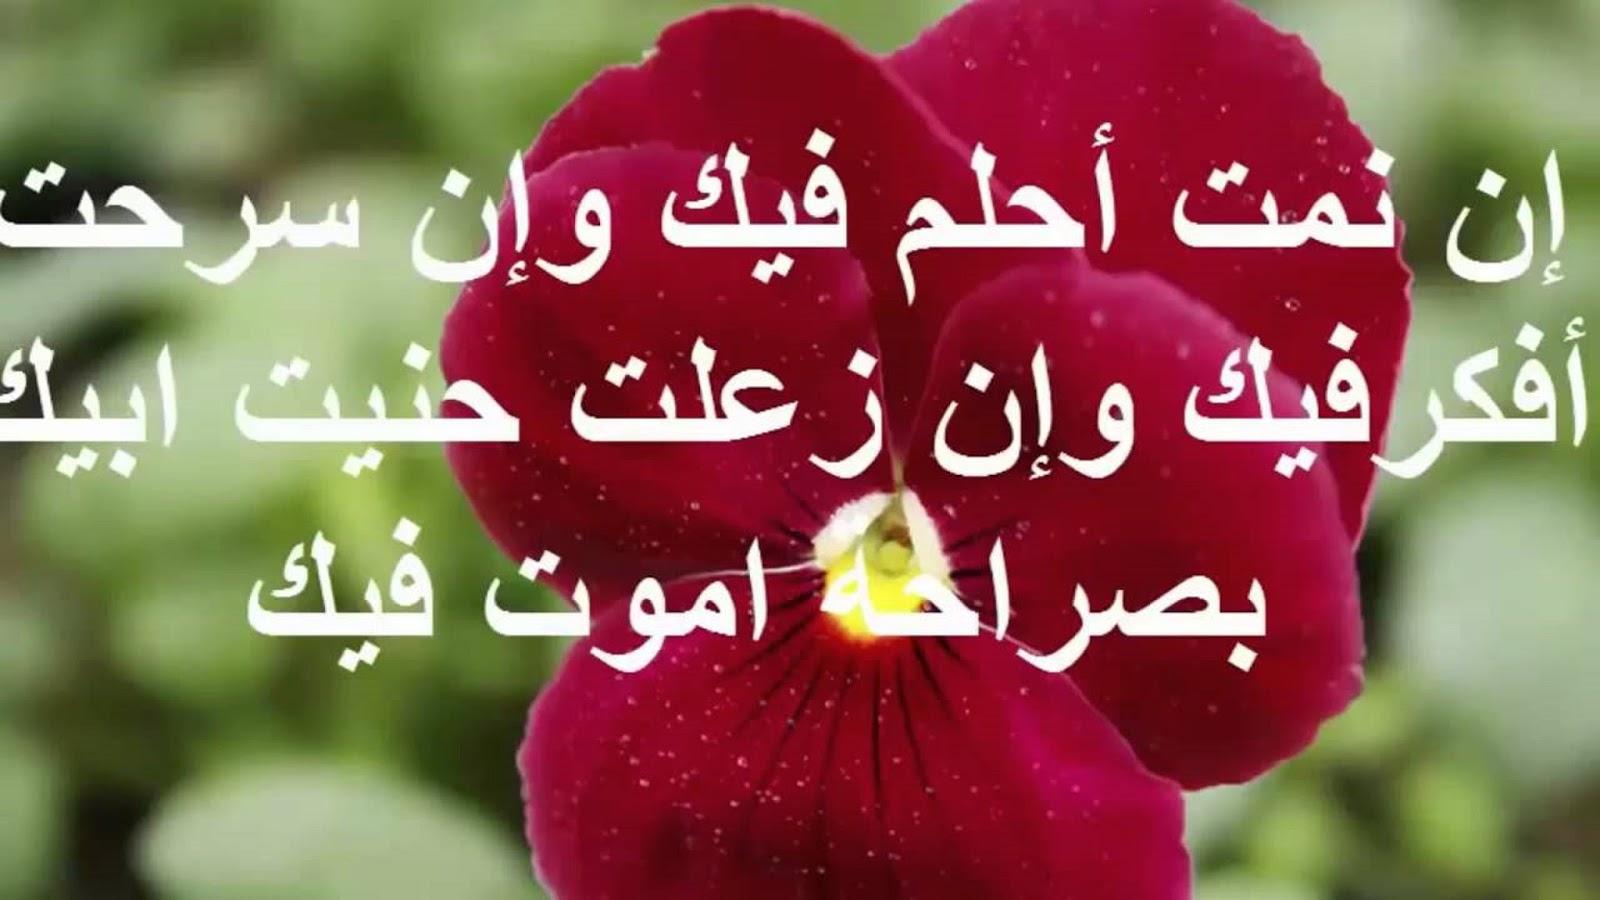 بالصور رسالة حب صباحية , اجمل رسائل الحب الصباحية 3393 3